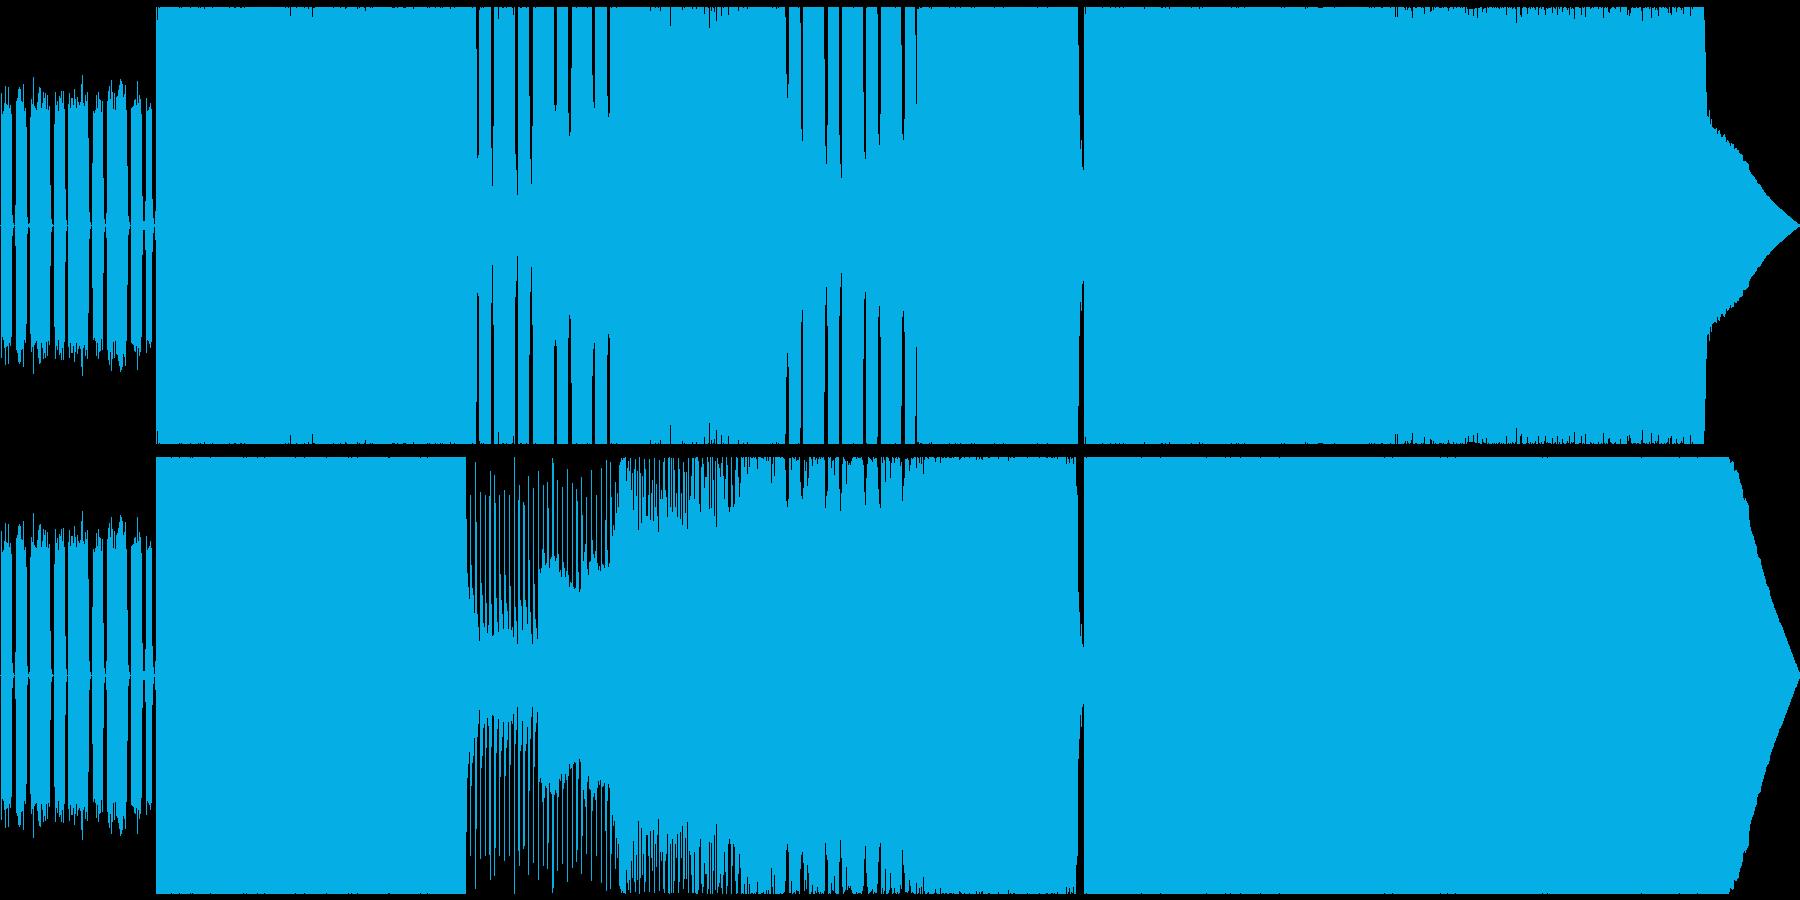 疾走感のあるポップパンク&エモ風インストの再生済みの波形